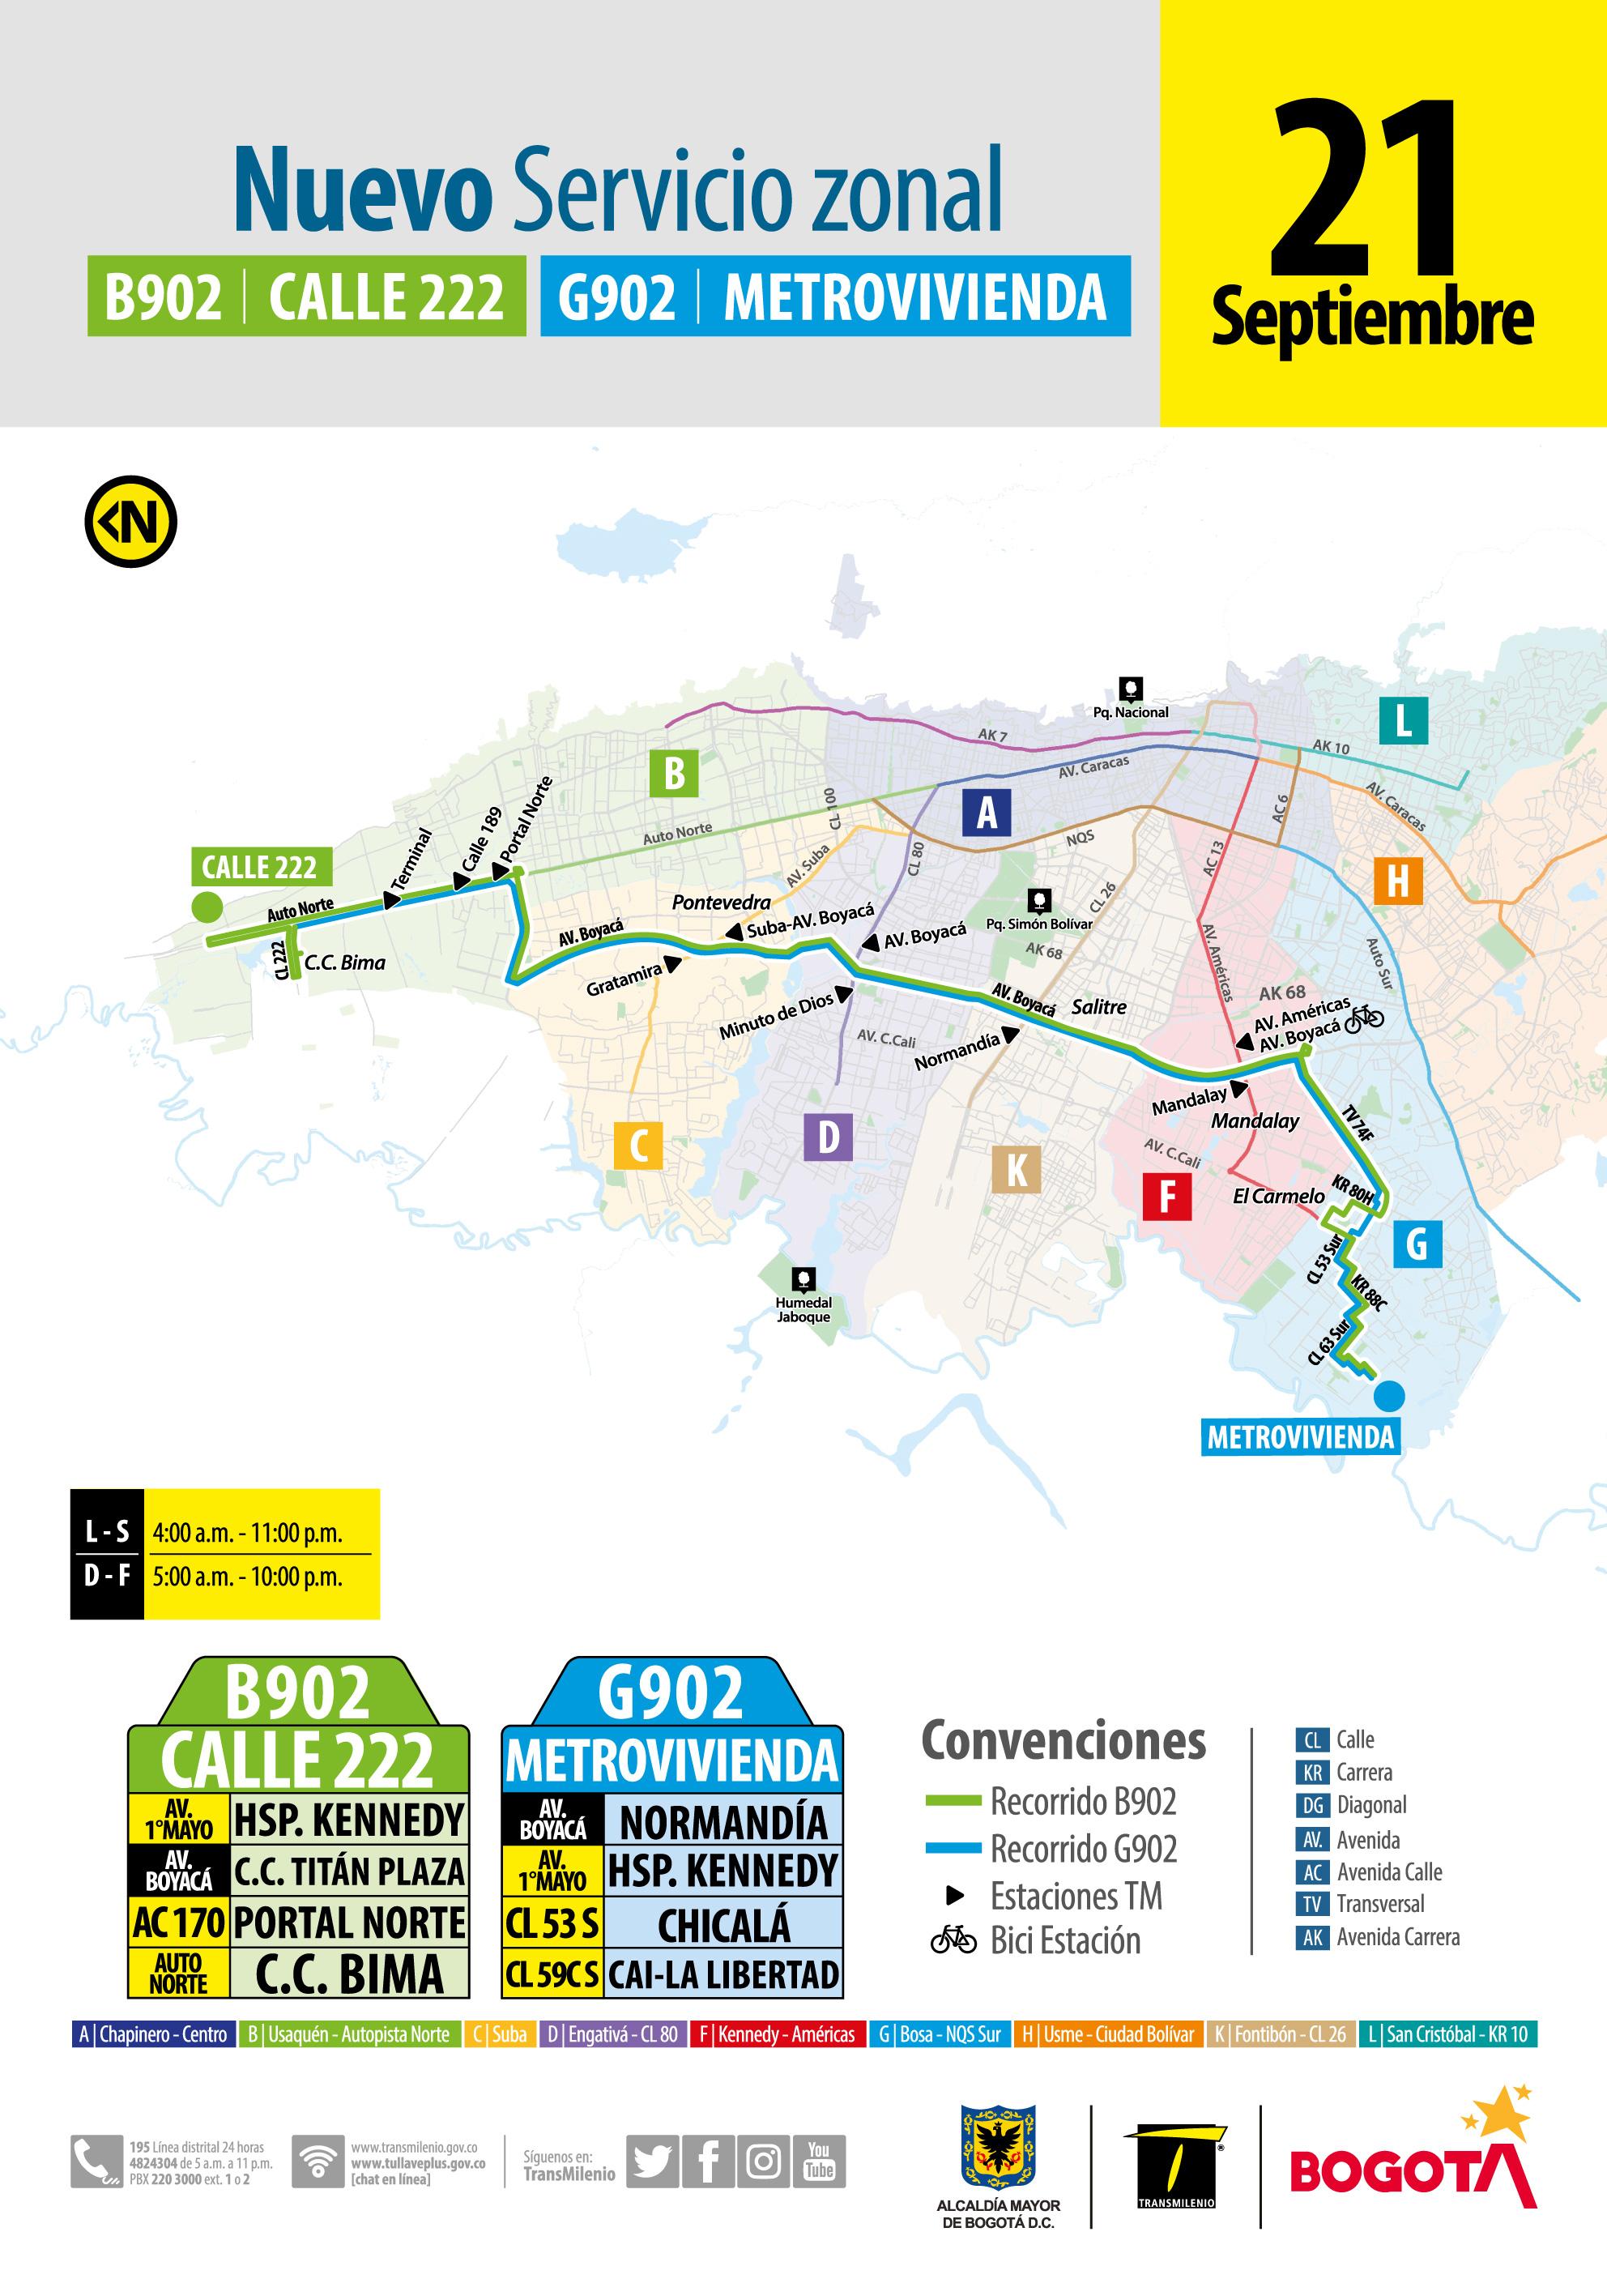 Nuevo Servicio Zonal Que Conectara El Sur Con El Norte De La Capital